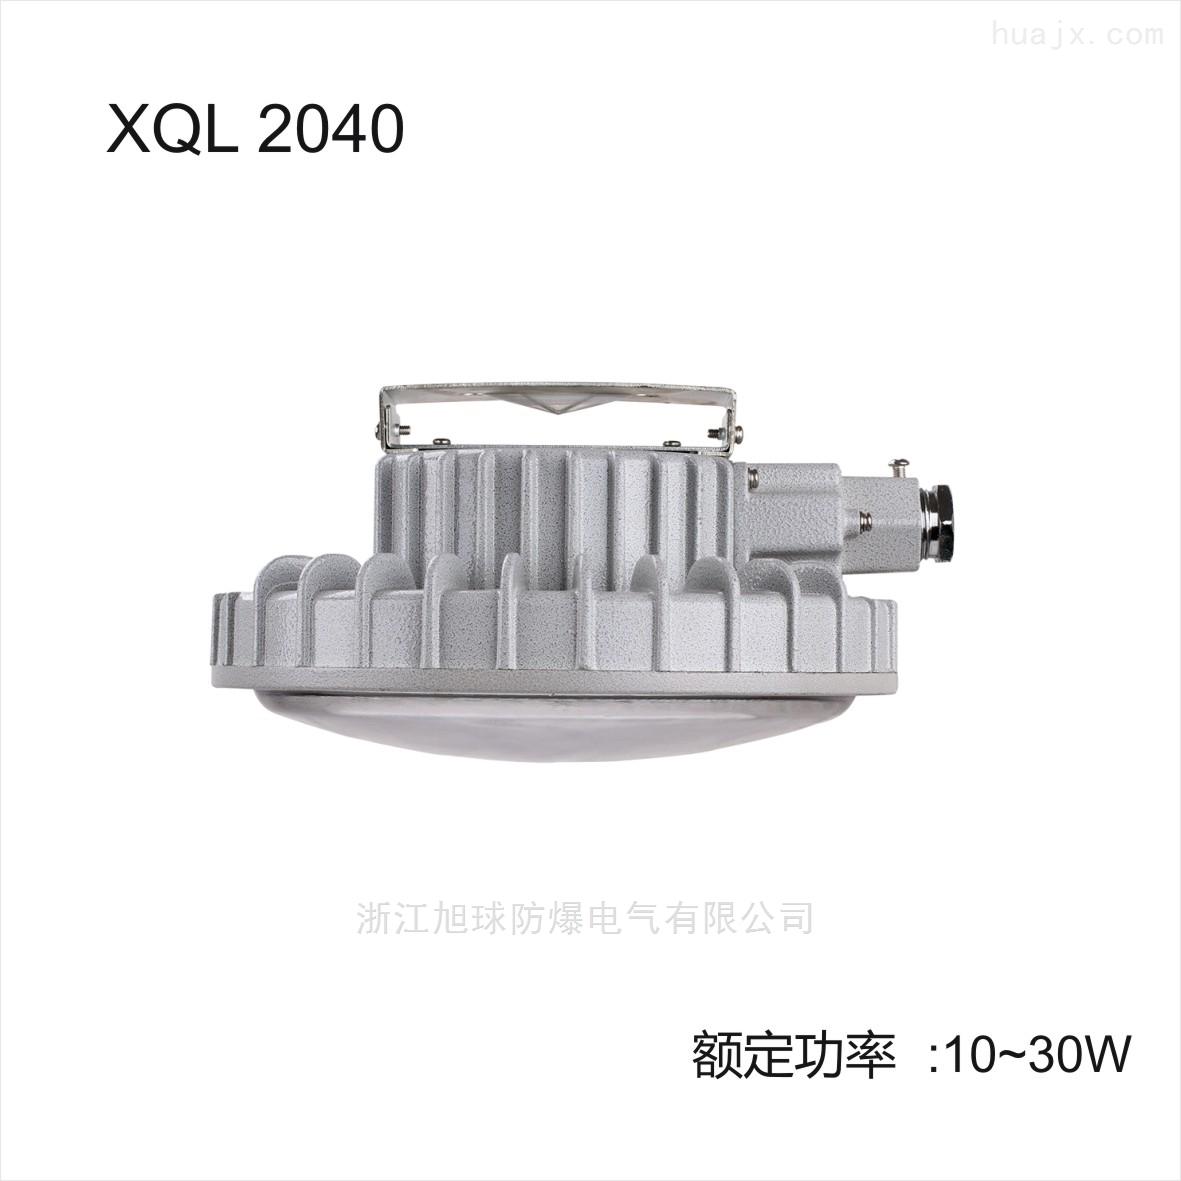 RLB95 LED防爆吸顶灯